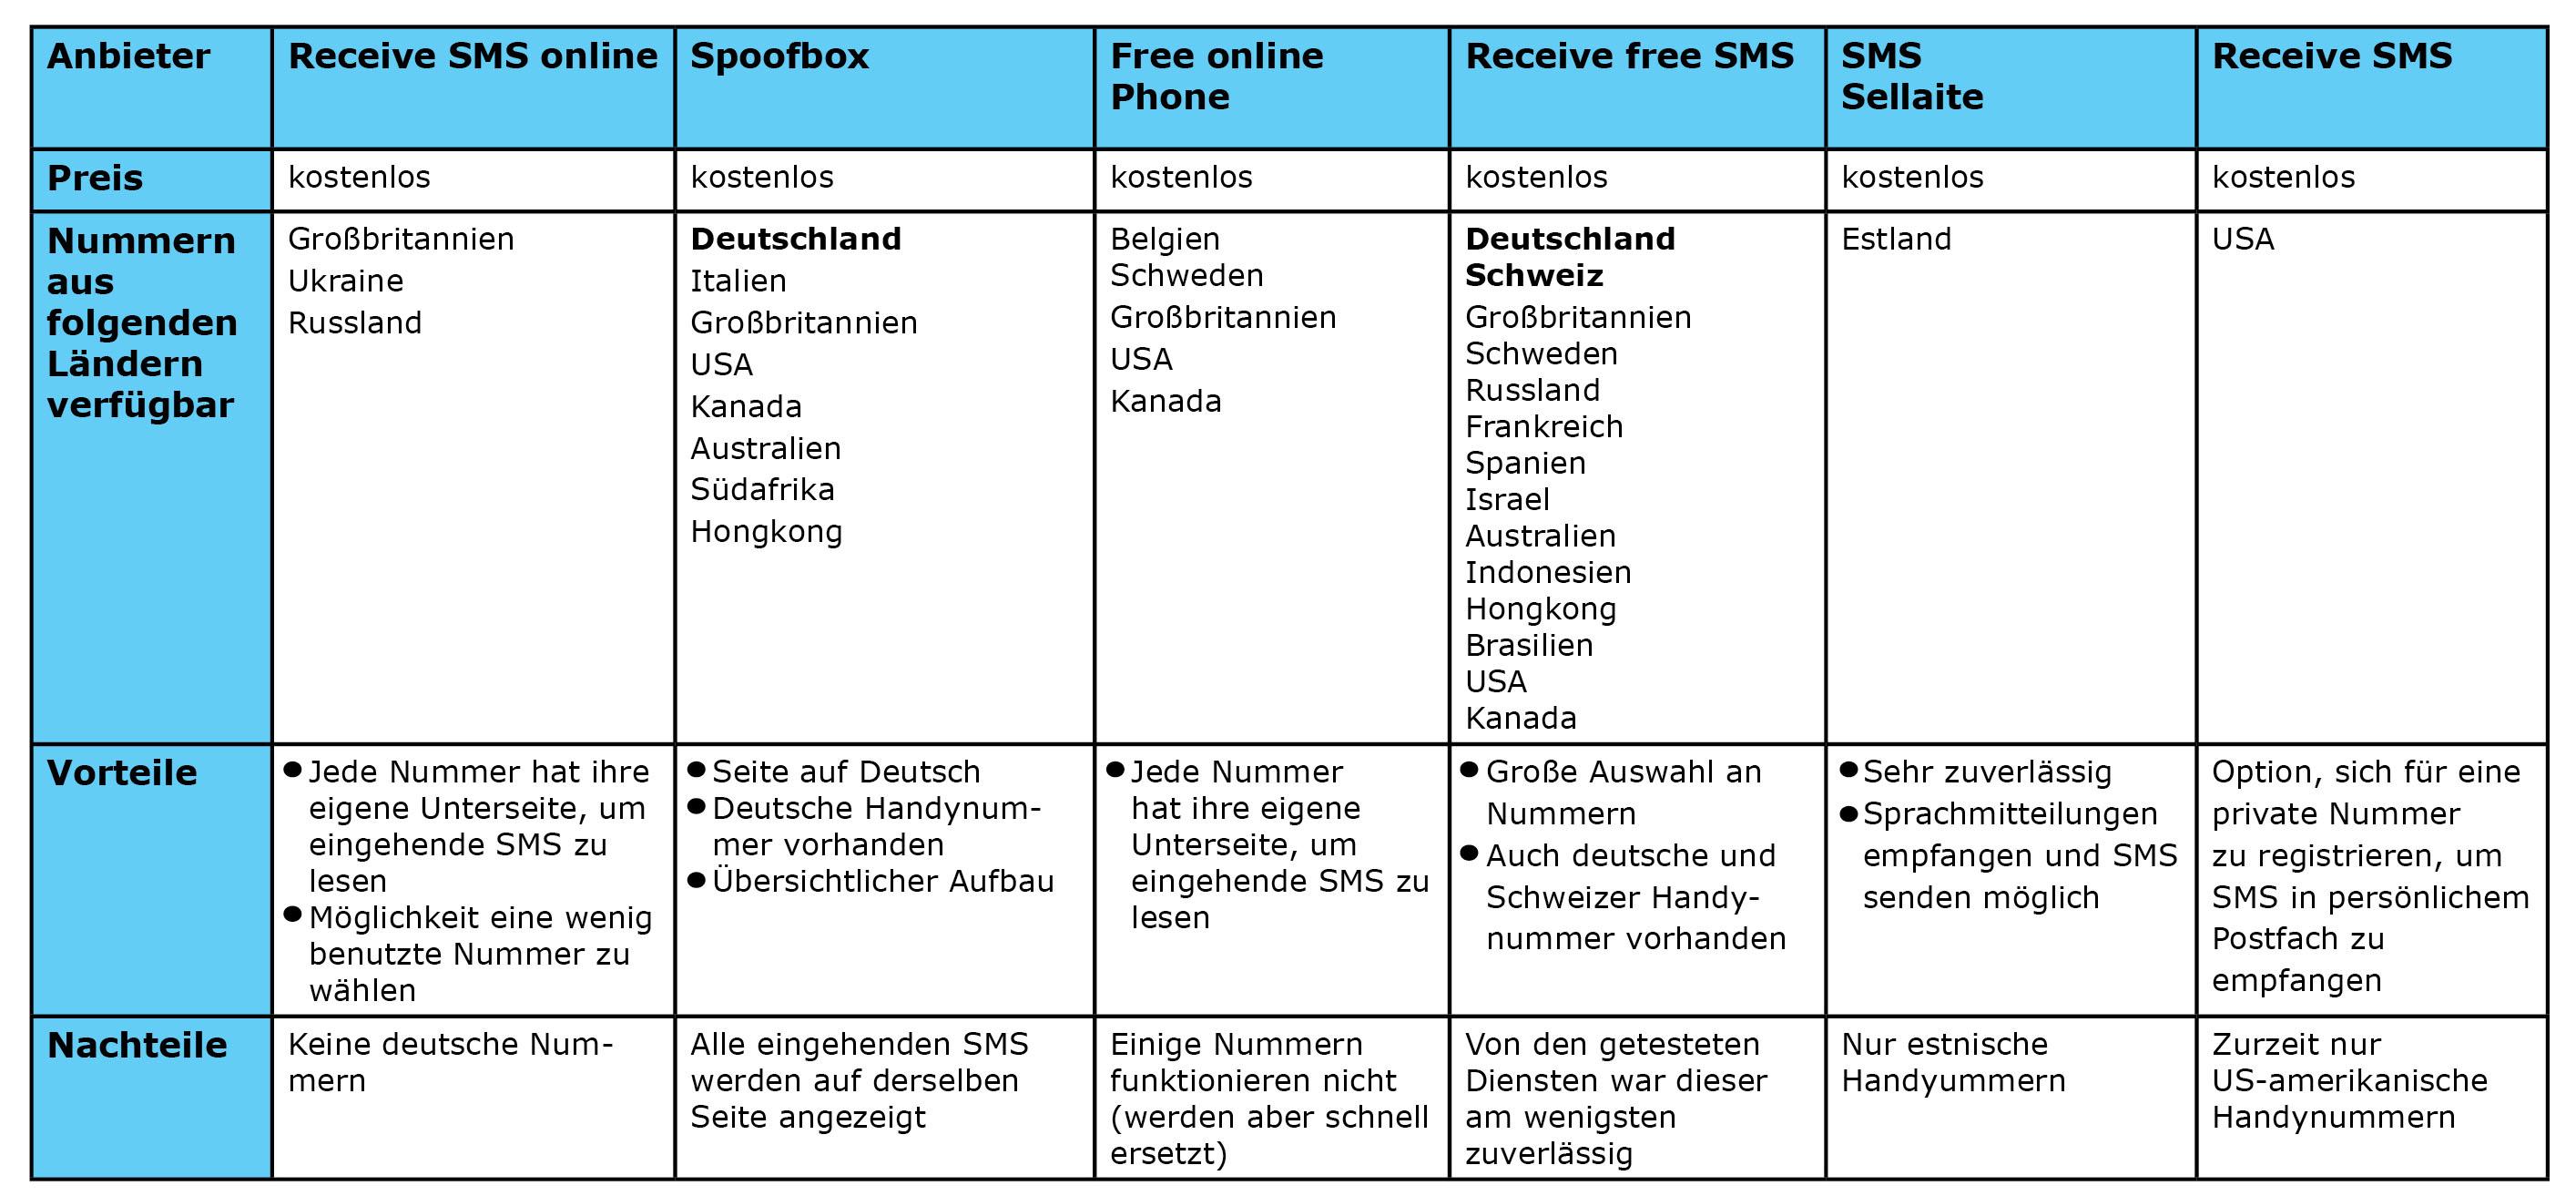 SMS online empfangen Tabelle